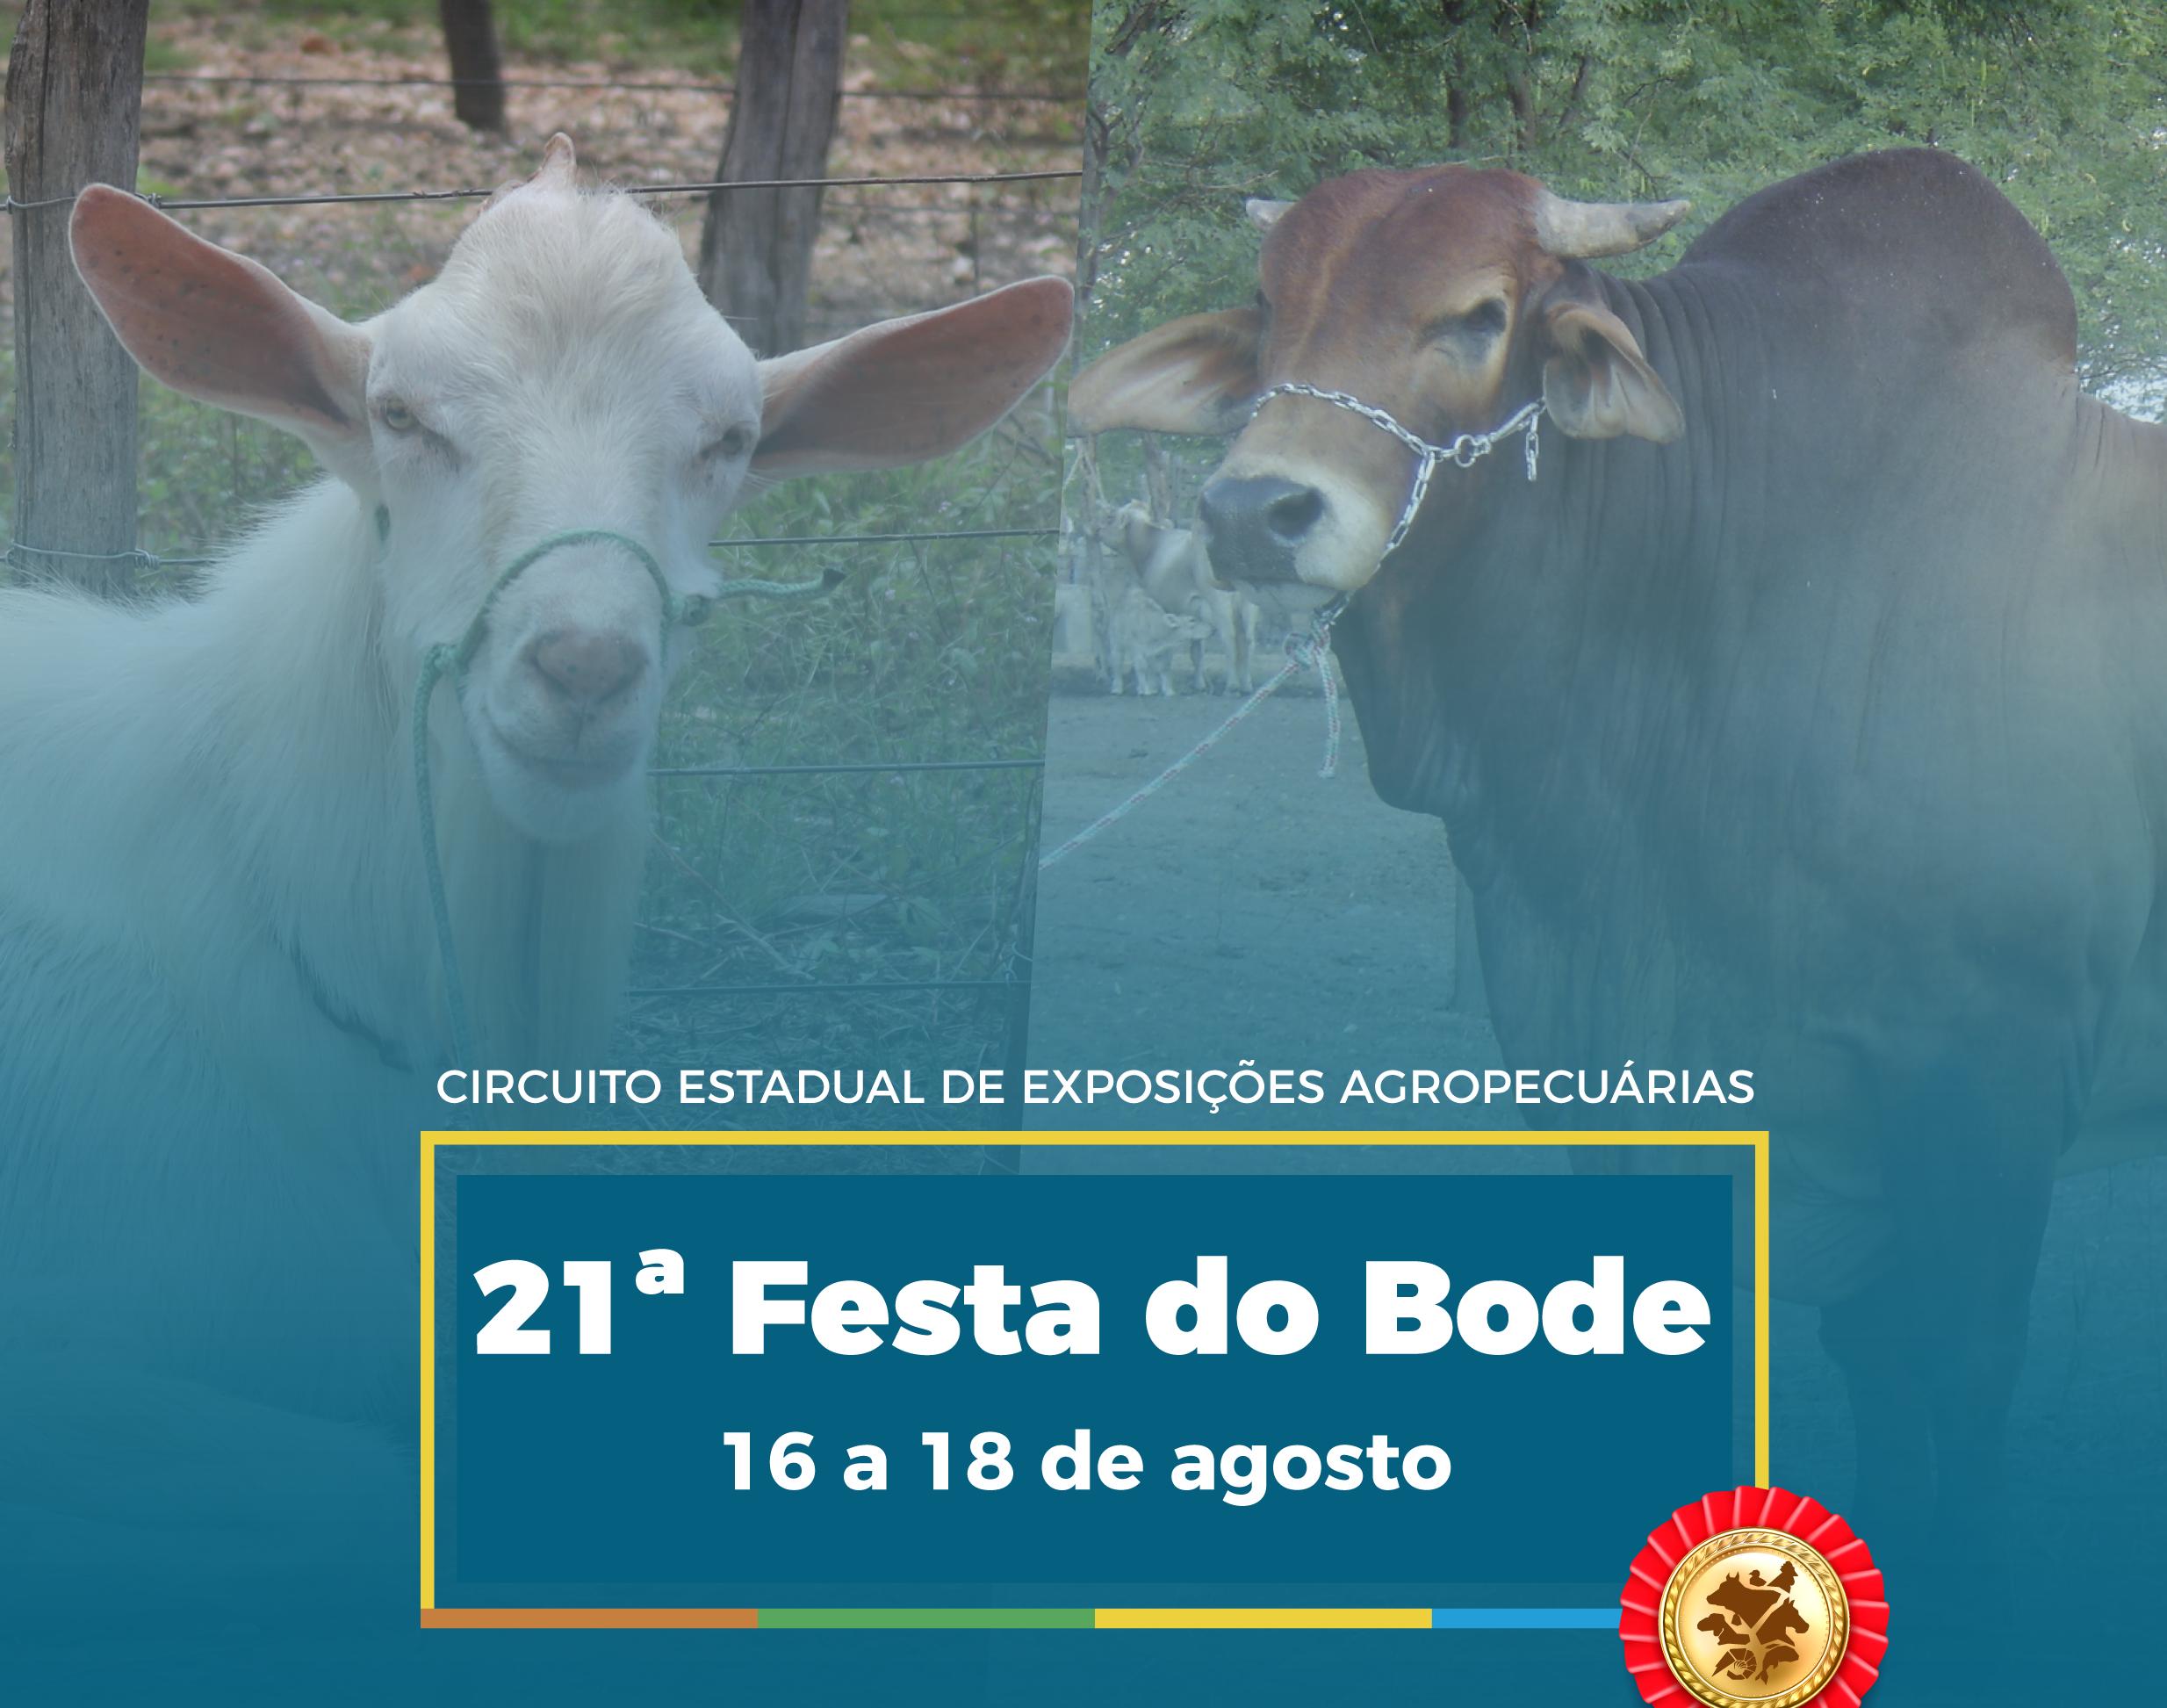 Emparn leva conhecimento e animais para 21ª Festa do Bode